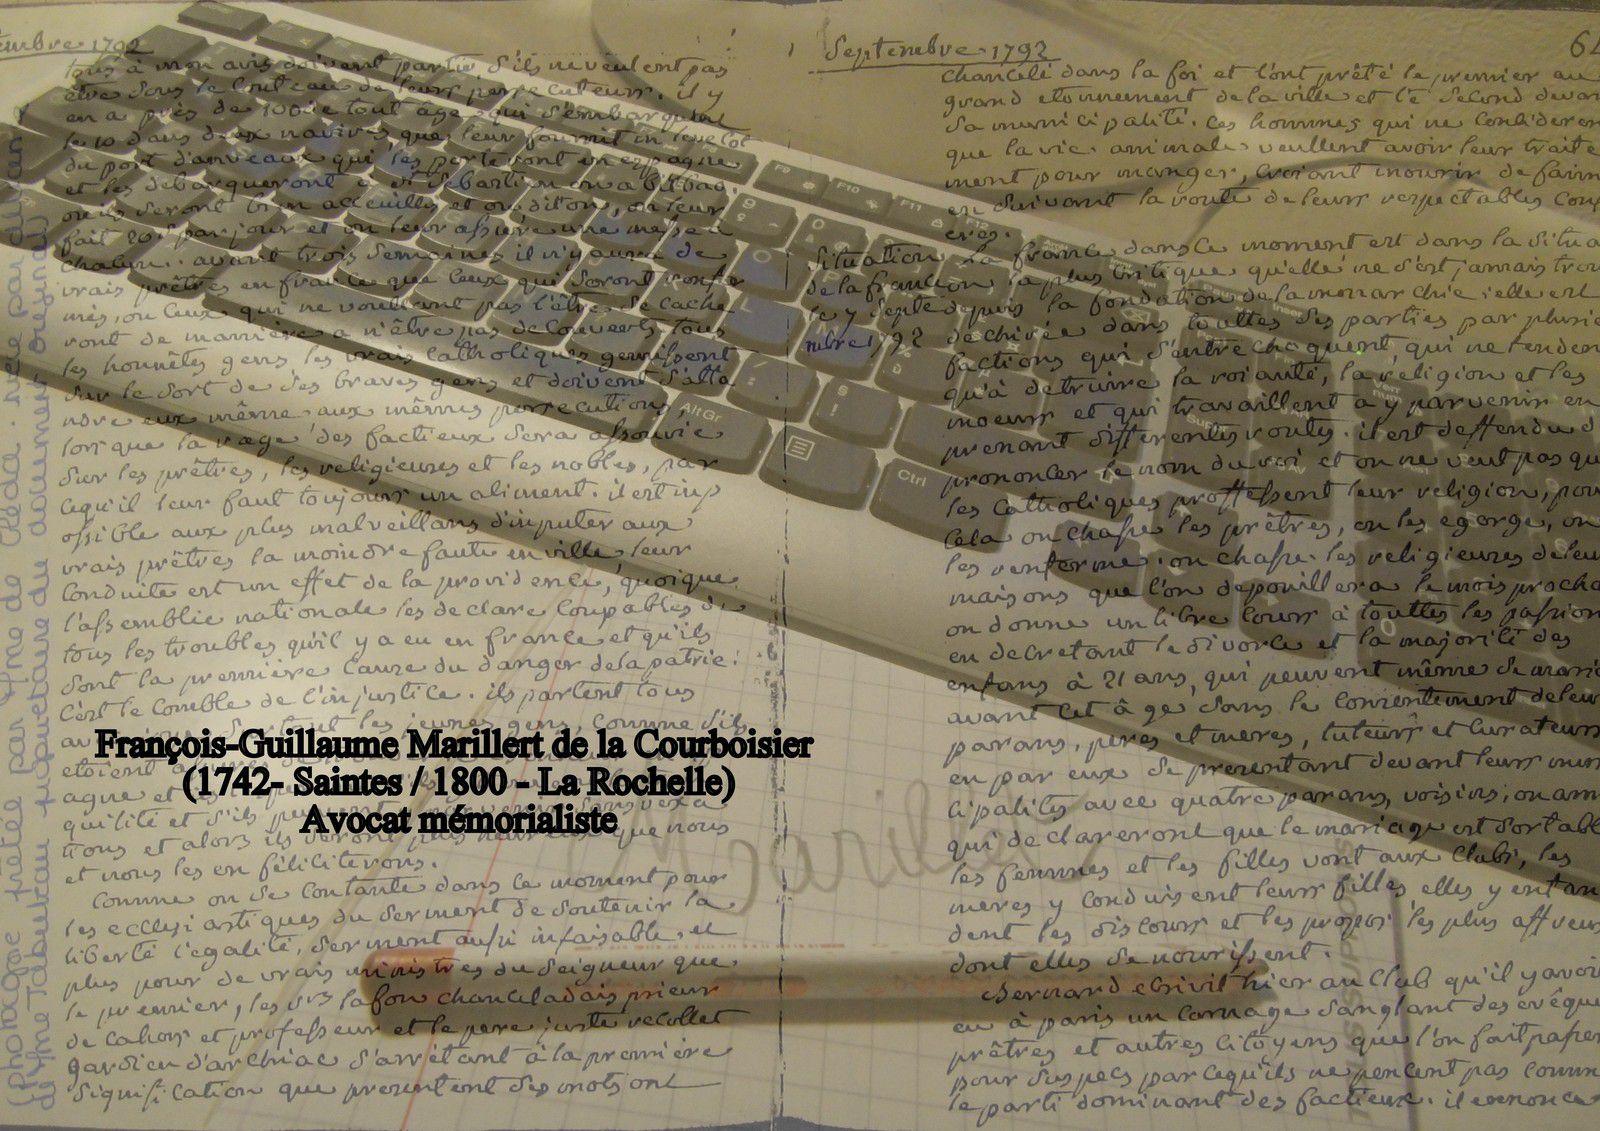 Du crayon de papier, souvent utilisé hors des documents officiels ou à conserver .... à notre plume d'oie moderne: Le clavier de l'ordinateur, sachant que j'utilise souvent, comme ces anciens, le crayon de papier.